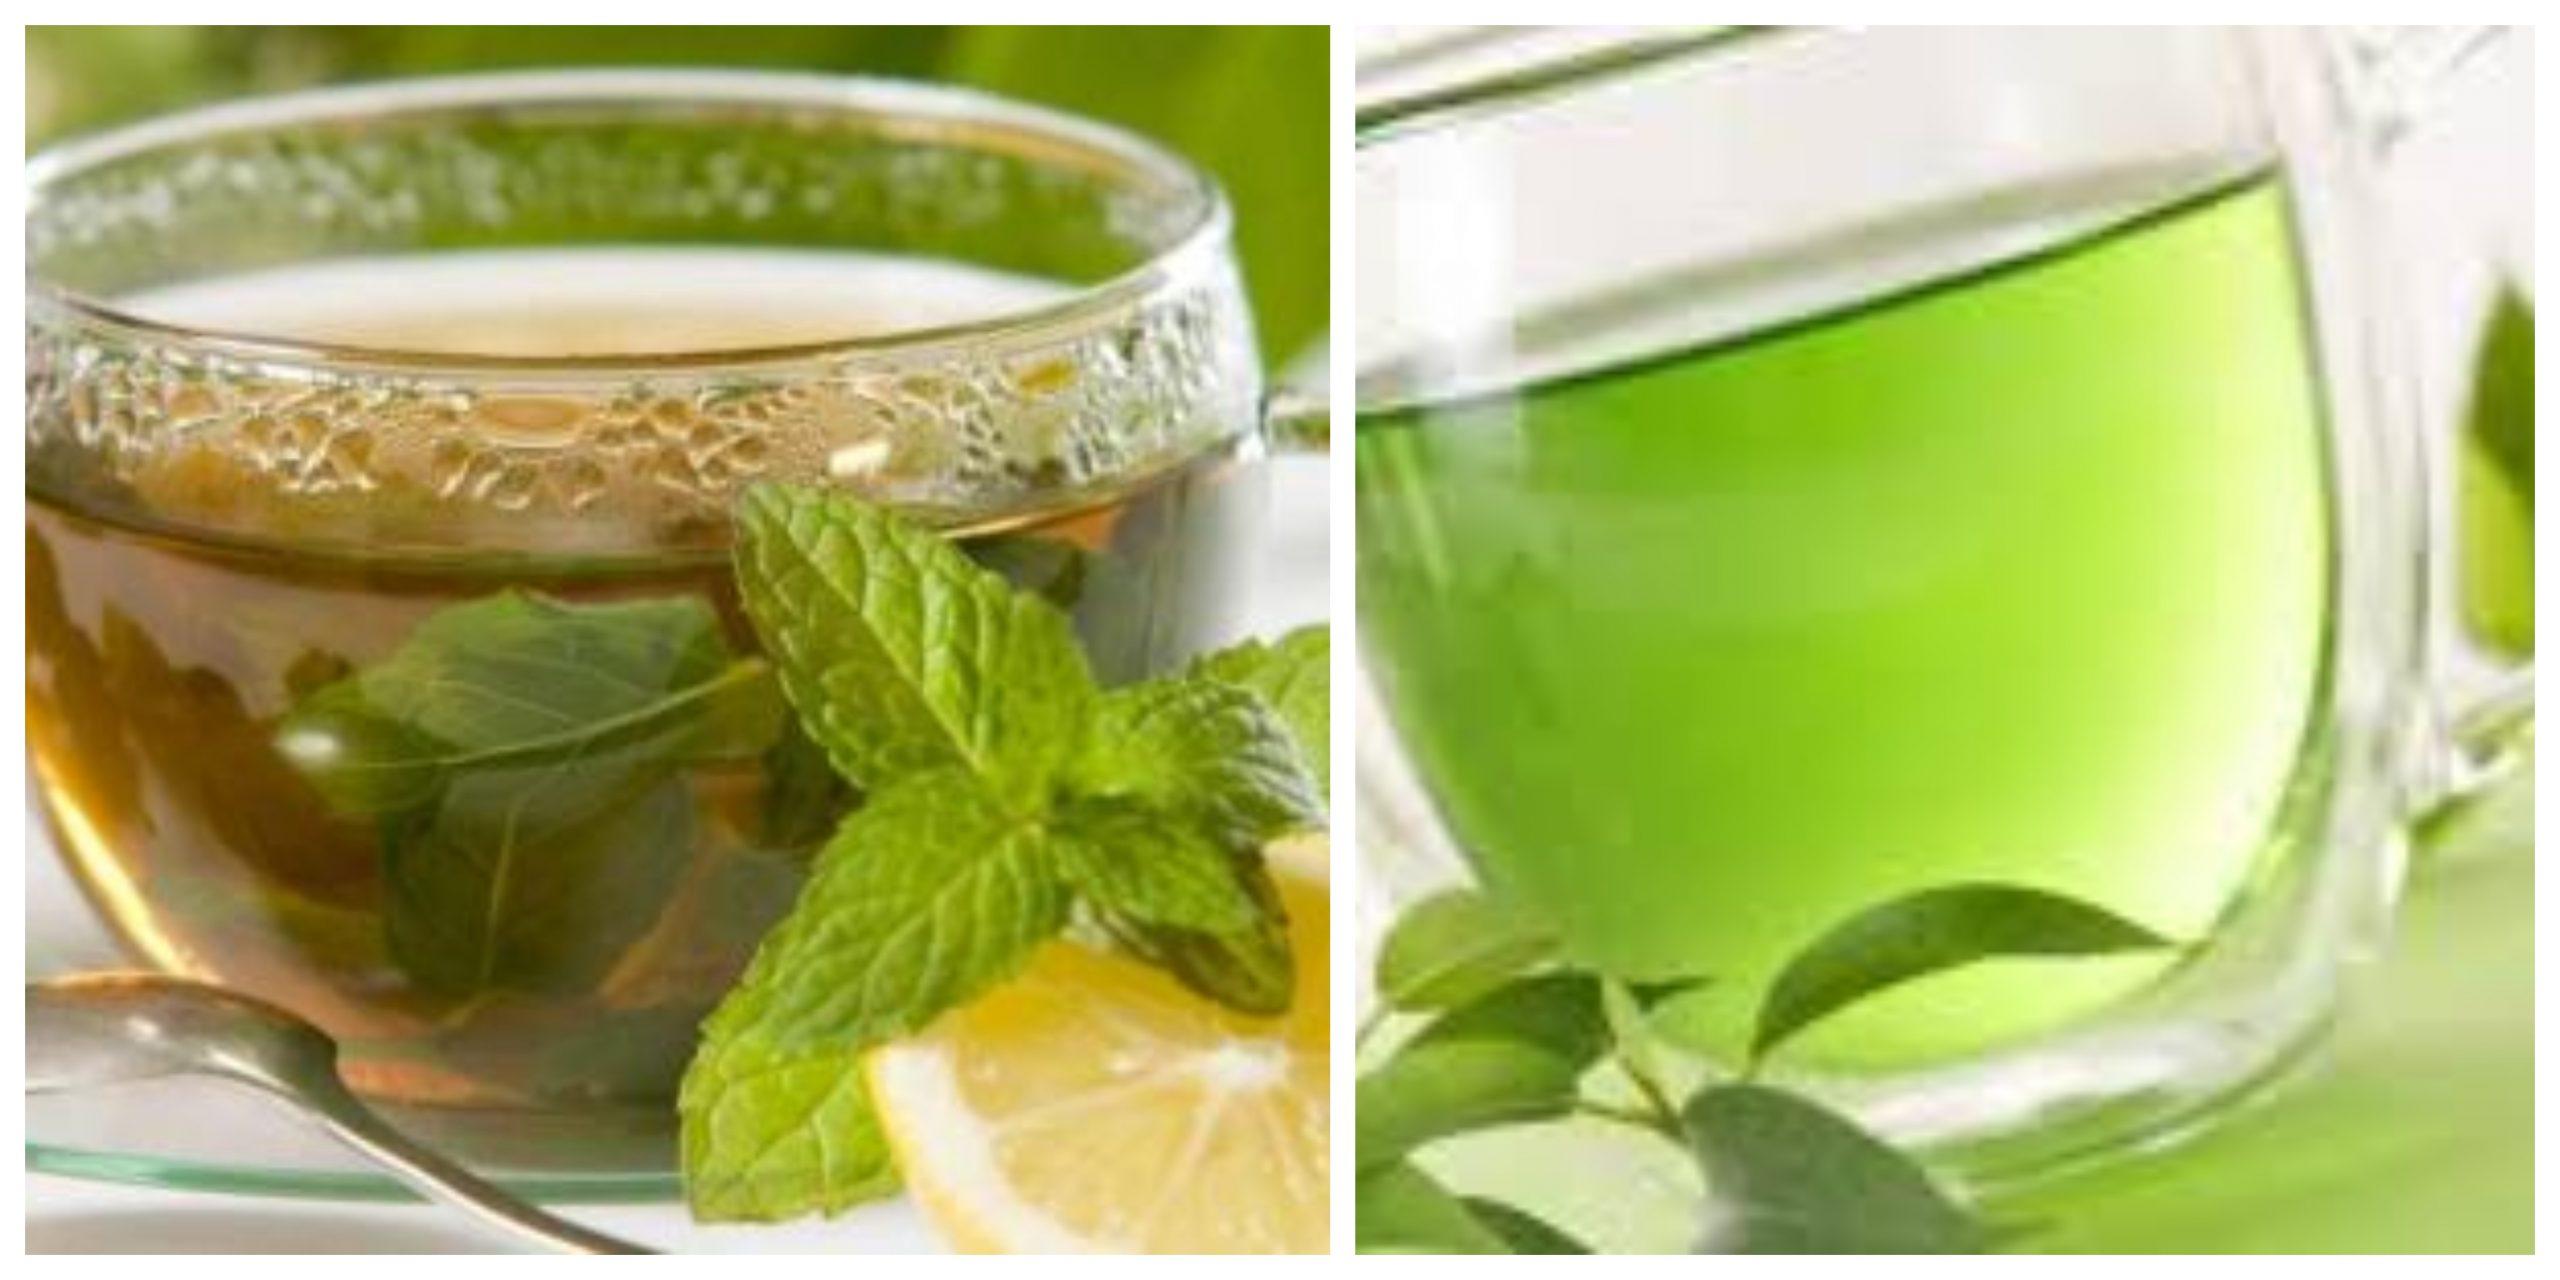 الفوائد الصحية لتناول مشروب الشاي الأخضر بالقرفة والكركم ووصفة سهلة لتحضيره 